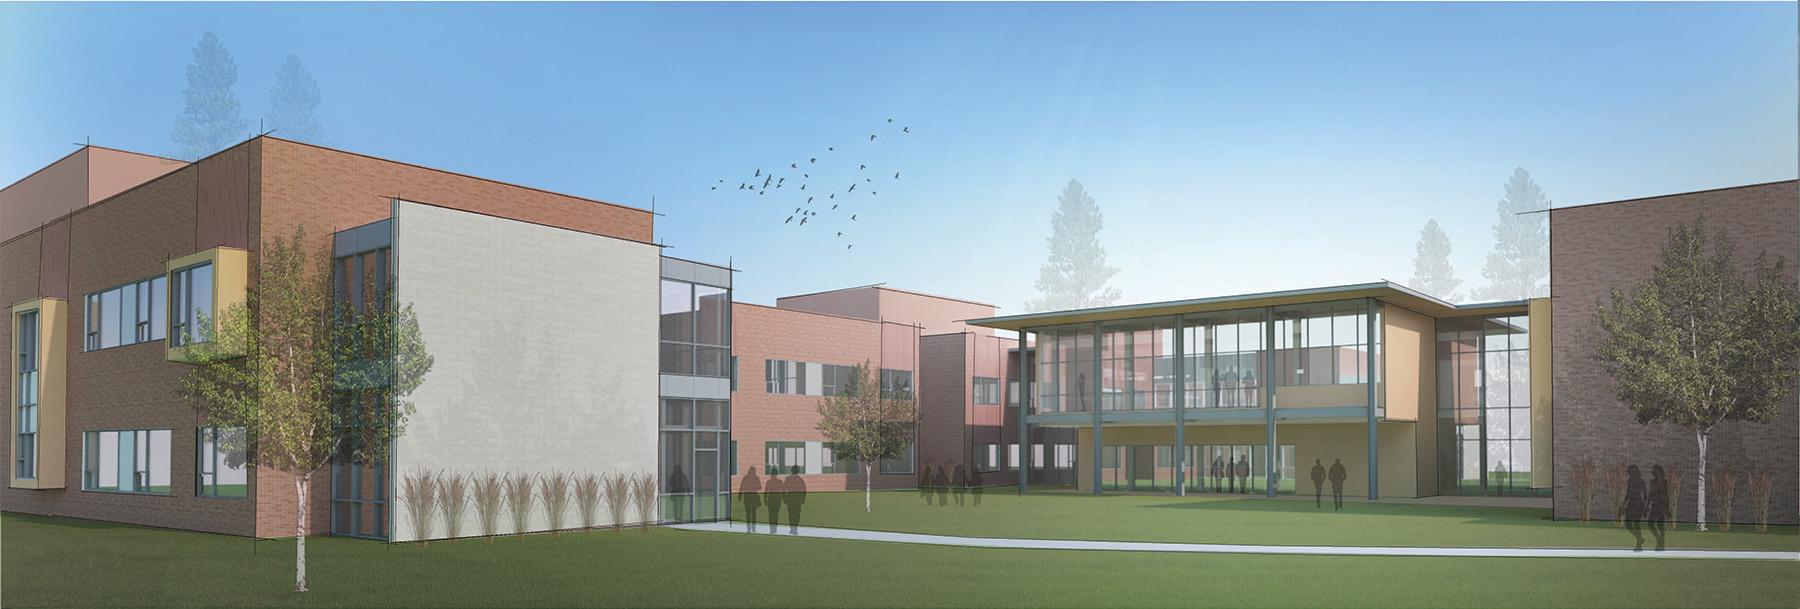 Spokane Public Schools <br/>Linwood Elementary